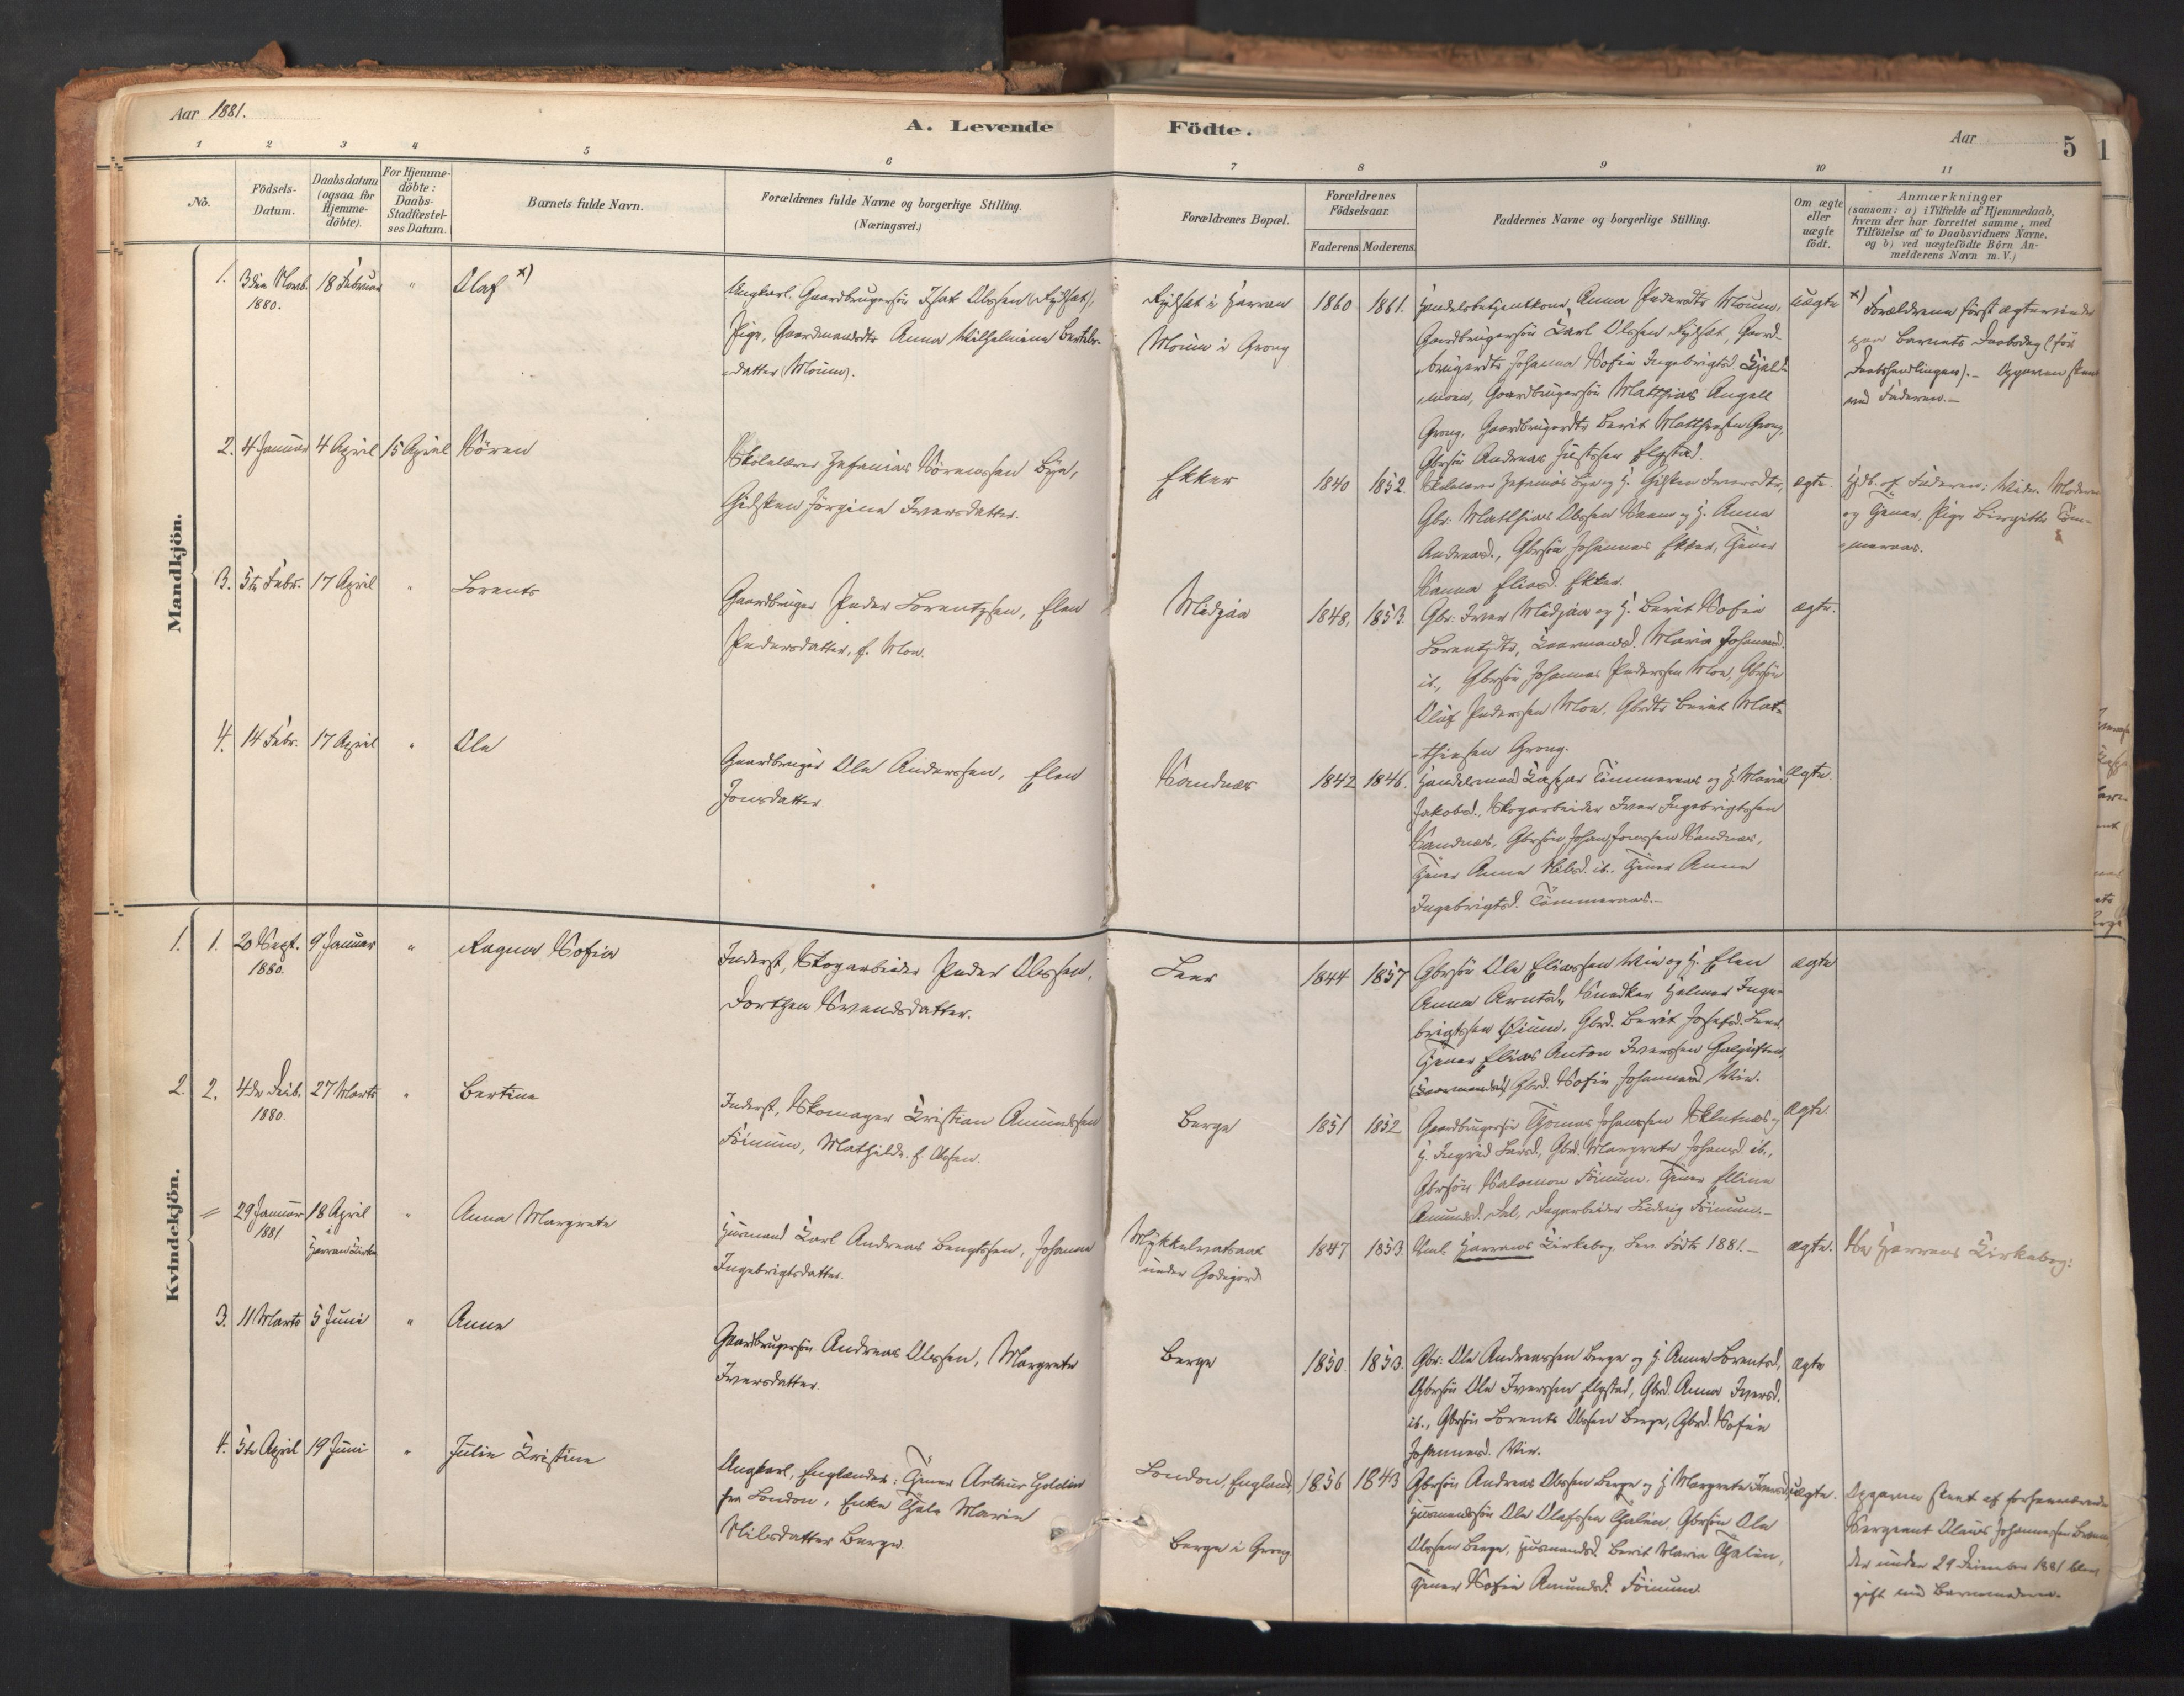 SAT, Ministerialprotokoller, klokkerbøker og fødselsregistre - Nord-Trøndelag, 758/L0519: Ministerialbok nr. 758A04, 1880-1926, s. 5